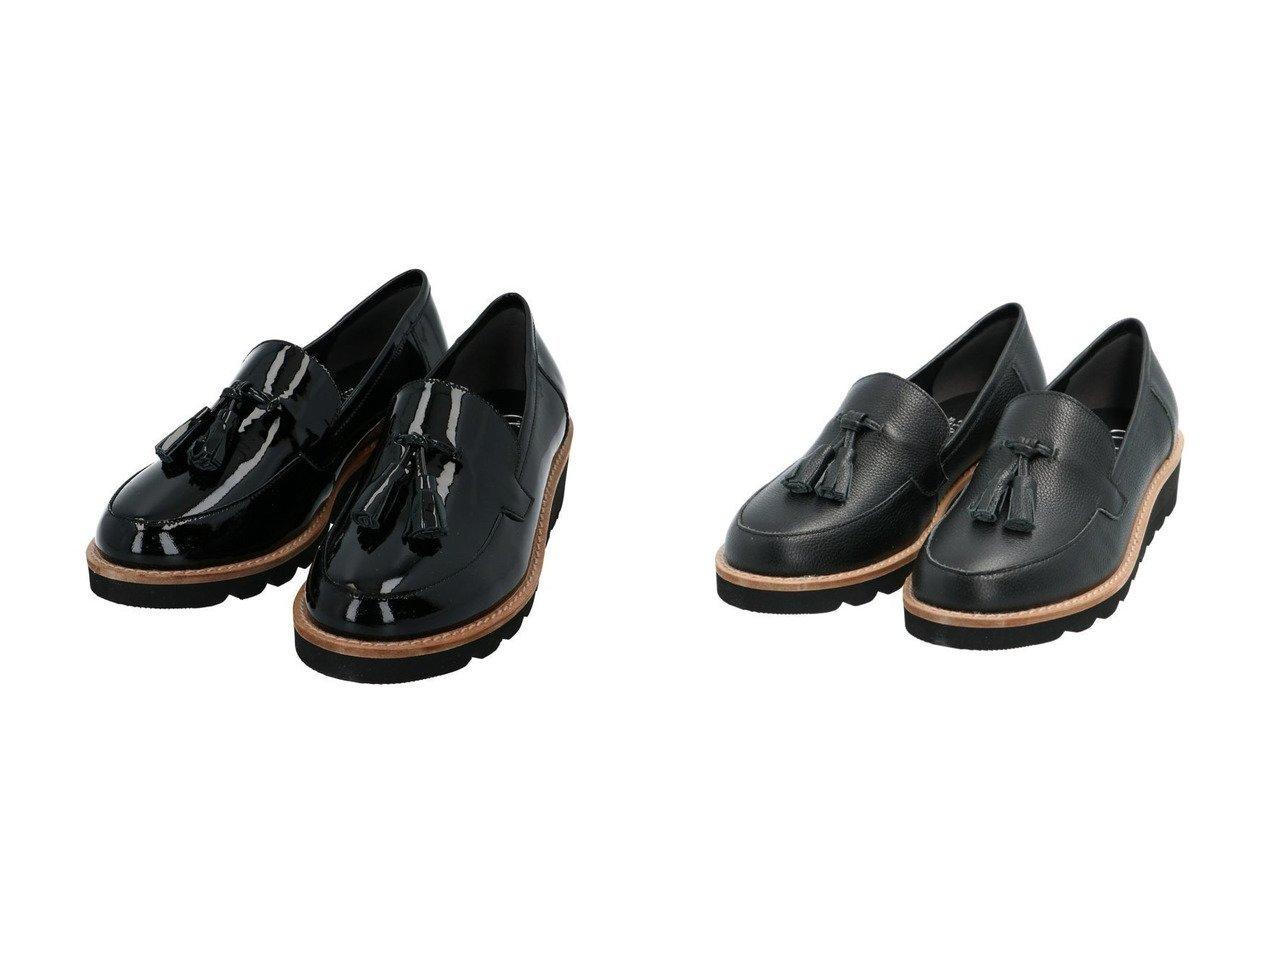 【artemis by DIANA/アルテミス バイ ダイアナ】のタッセル付き厚底ローファー シューズ・靴のおすすめ!人気、トレンド・レディースファッションの通販 おすすめで人気の流行・トレンド、ファッションの通販商品 メンズファッション・キッズファッション・インテリア・家具・レディースファッション・服の通販 founy(ファニー) https://founy.com/ ファッション Fashion レディースファッション WOMEN A/W 秋冬 AW Autumn/Winter / FW Fall-Winter クラシカル シューズ タッセル ドレス 厚底 軽量 |ID:crp329100000023366